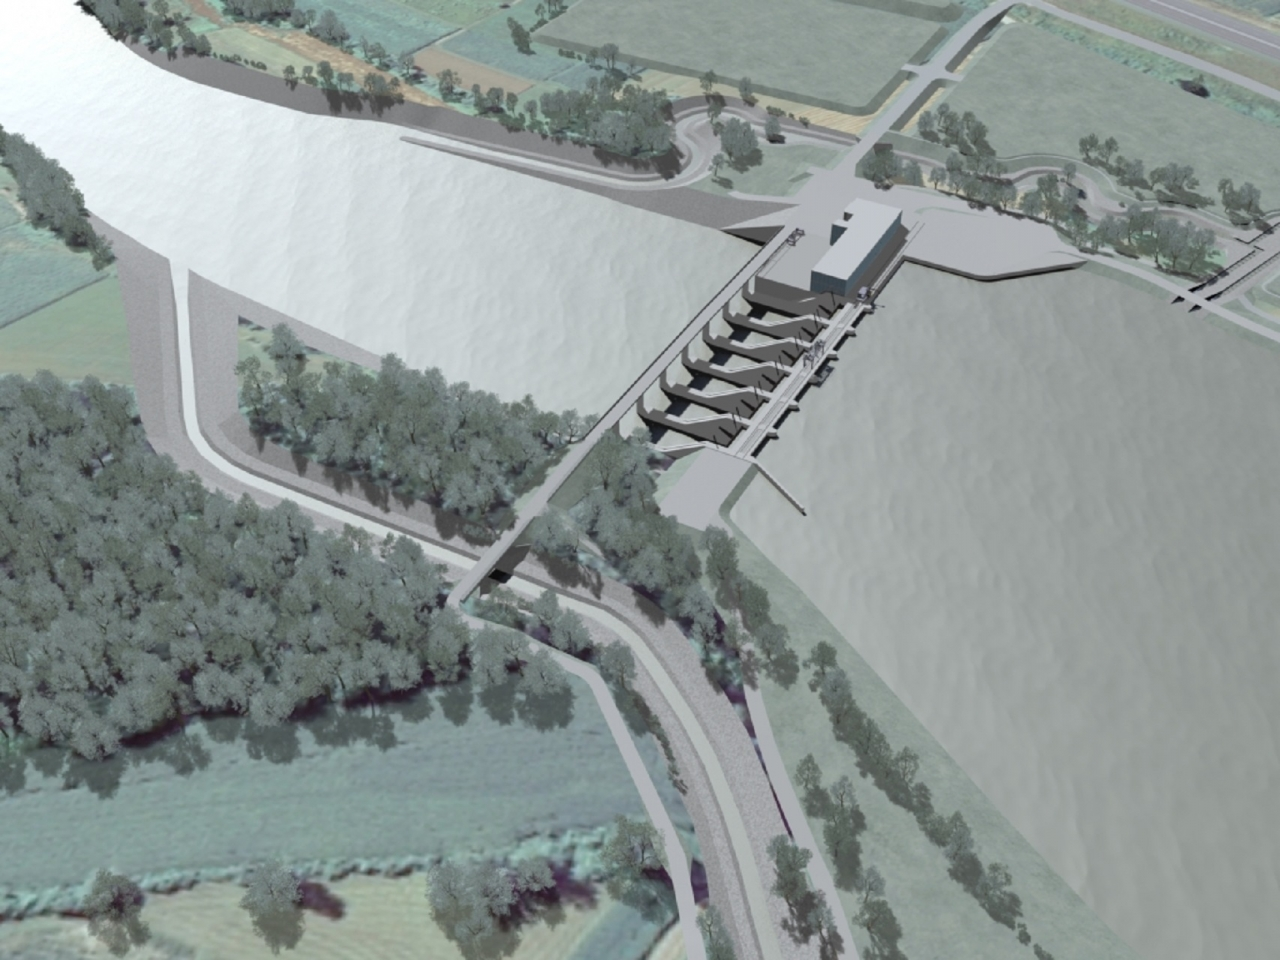 Dokončanje verige hidroelektrarn na spodnji Savi